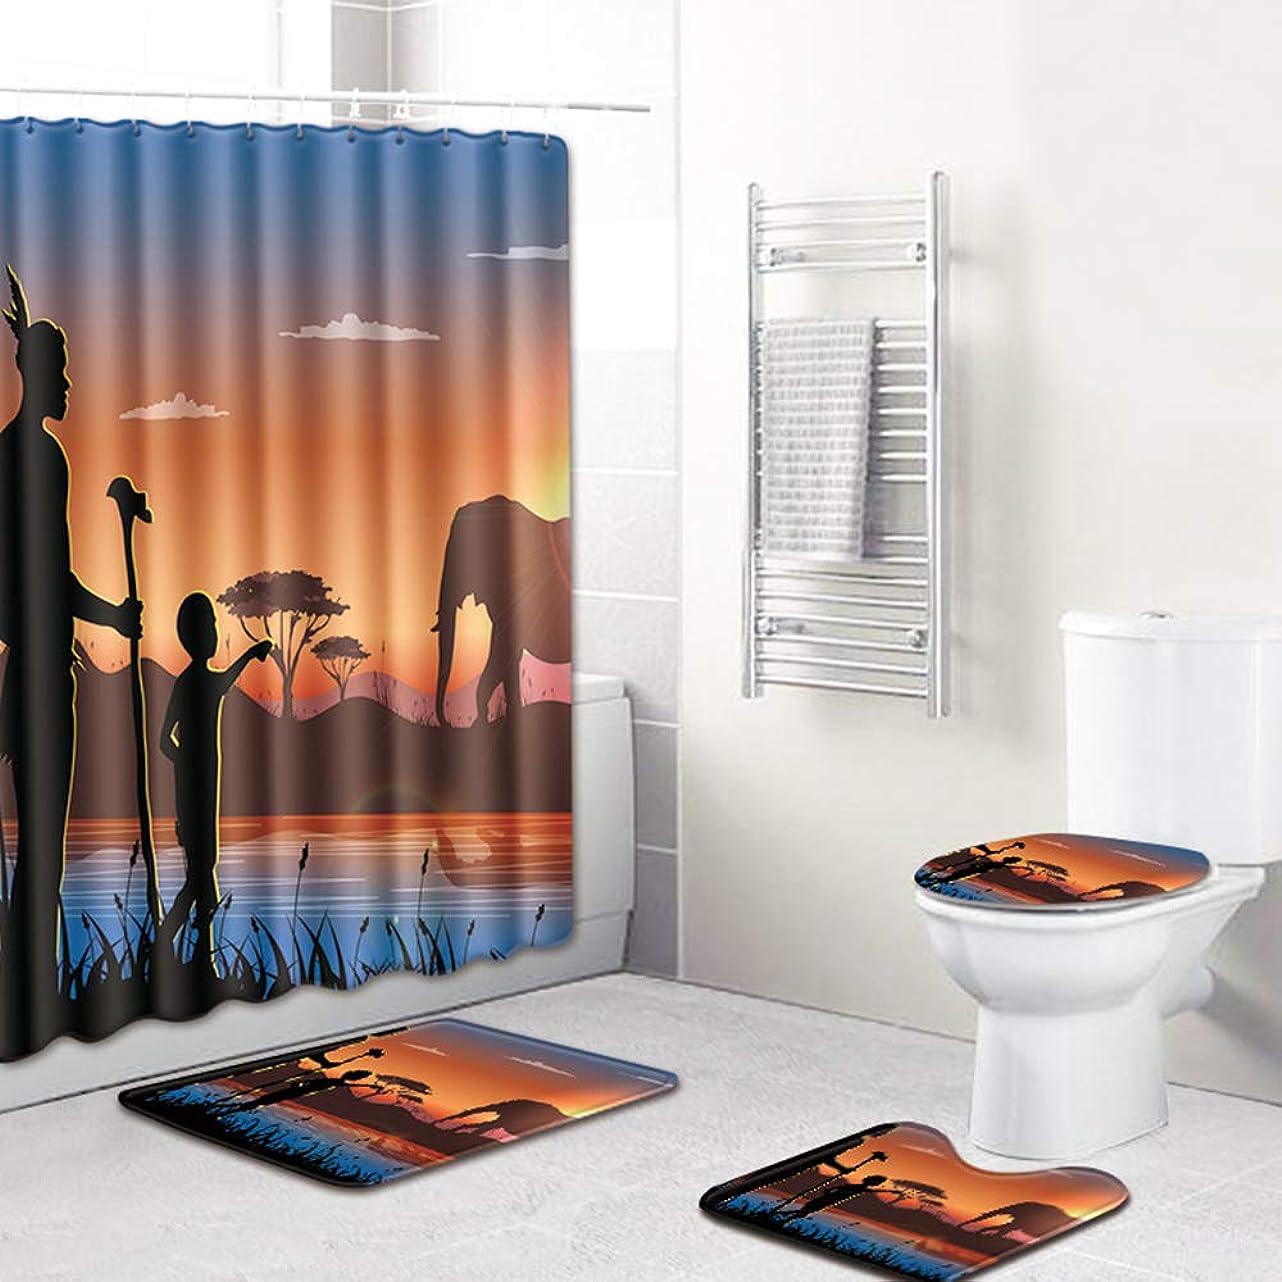 規則性のど宝4ピースアフリカスタイルの風景ポリエステルシャワーカーテンセット非スリップラグカーペット用浴室トイレフランネル風呂マットセット (A1)